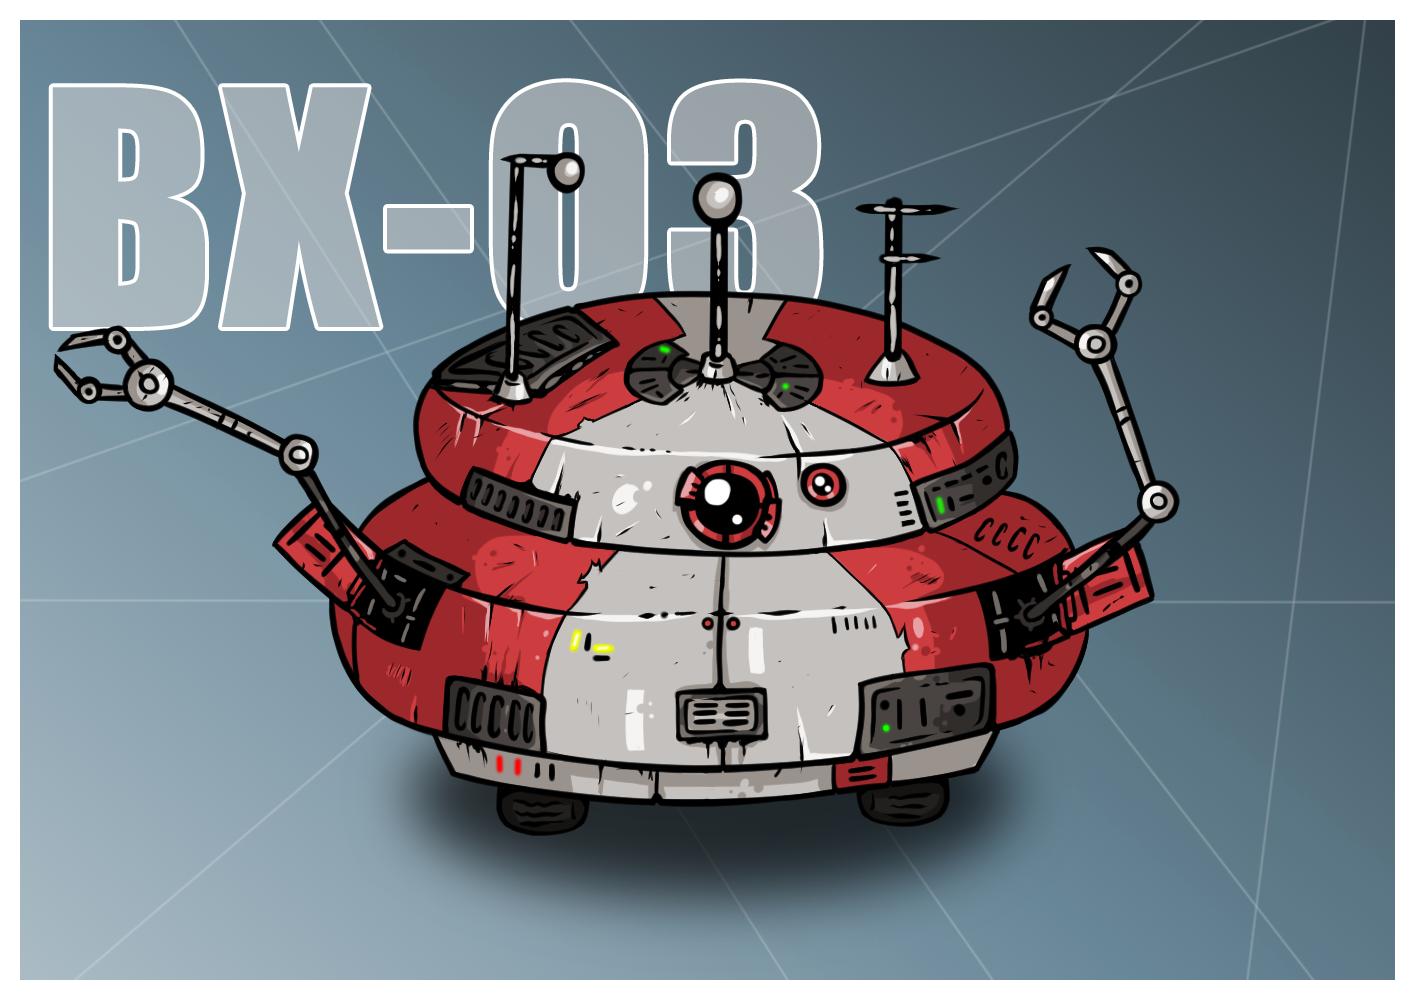 Star Wars Droid BX-Q3